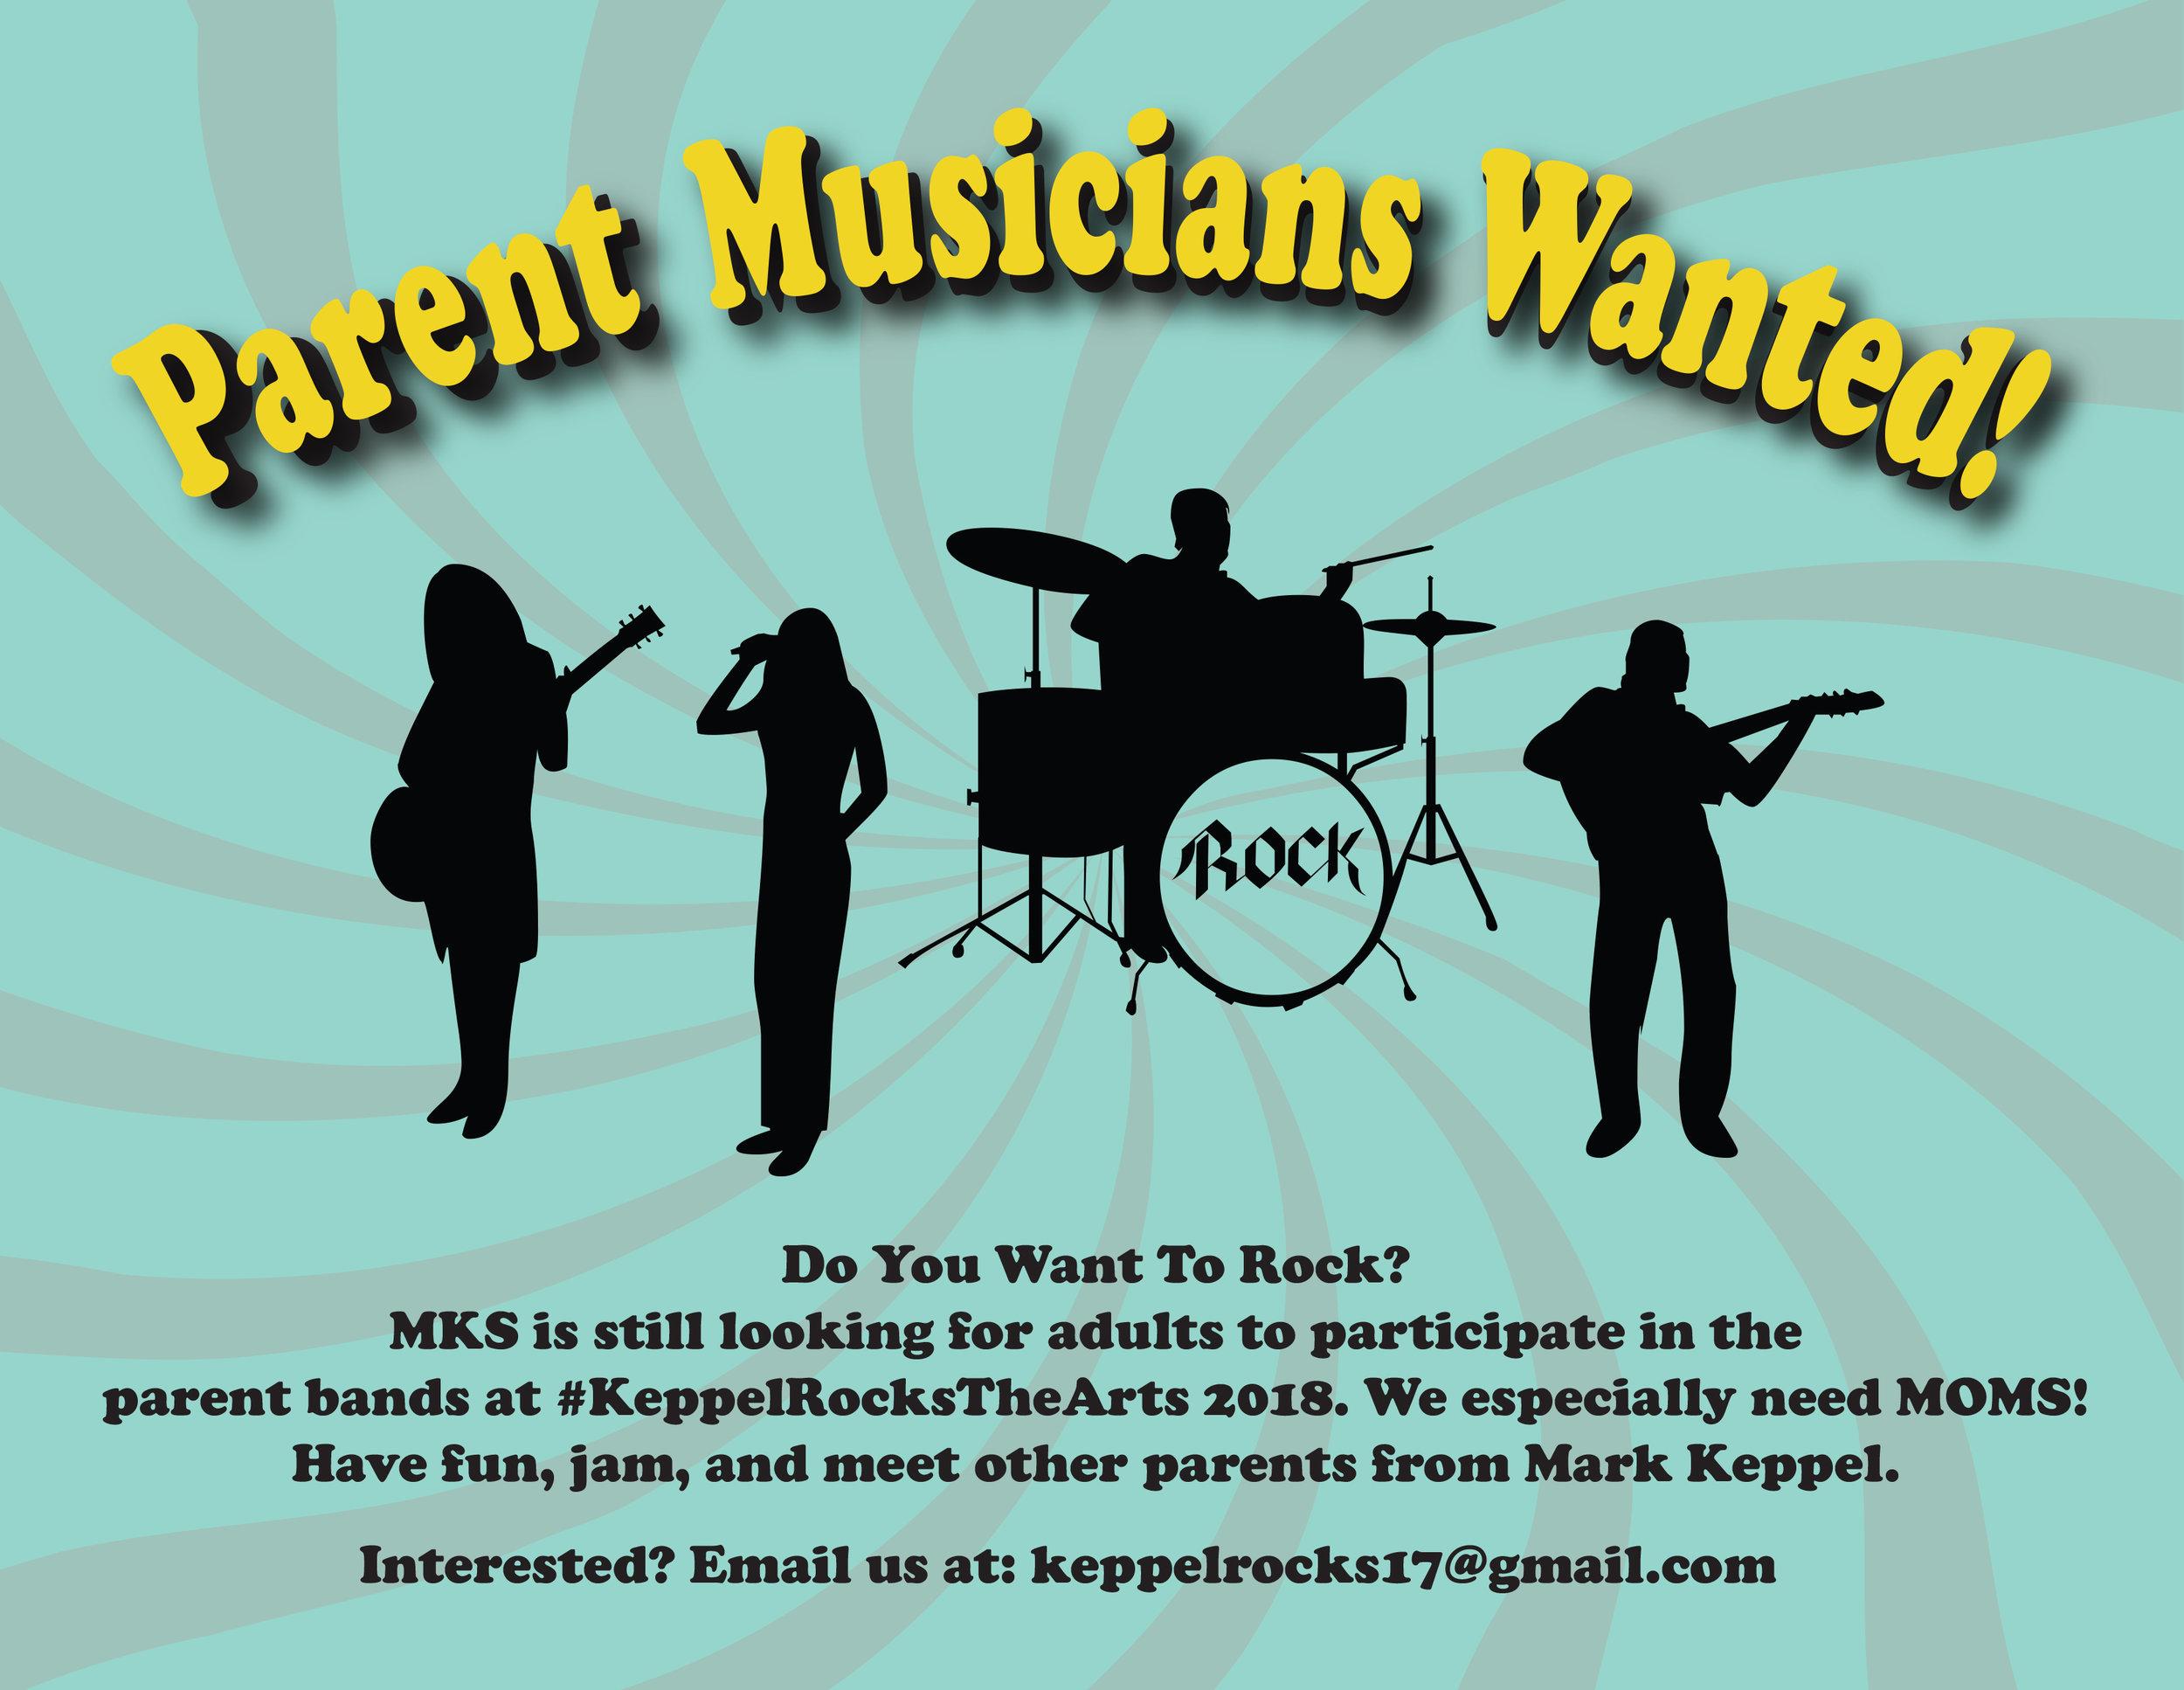 KRA_parent musicians wanted 2018.jpg